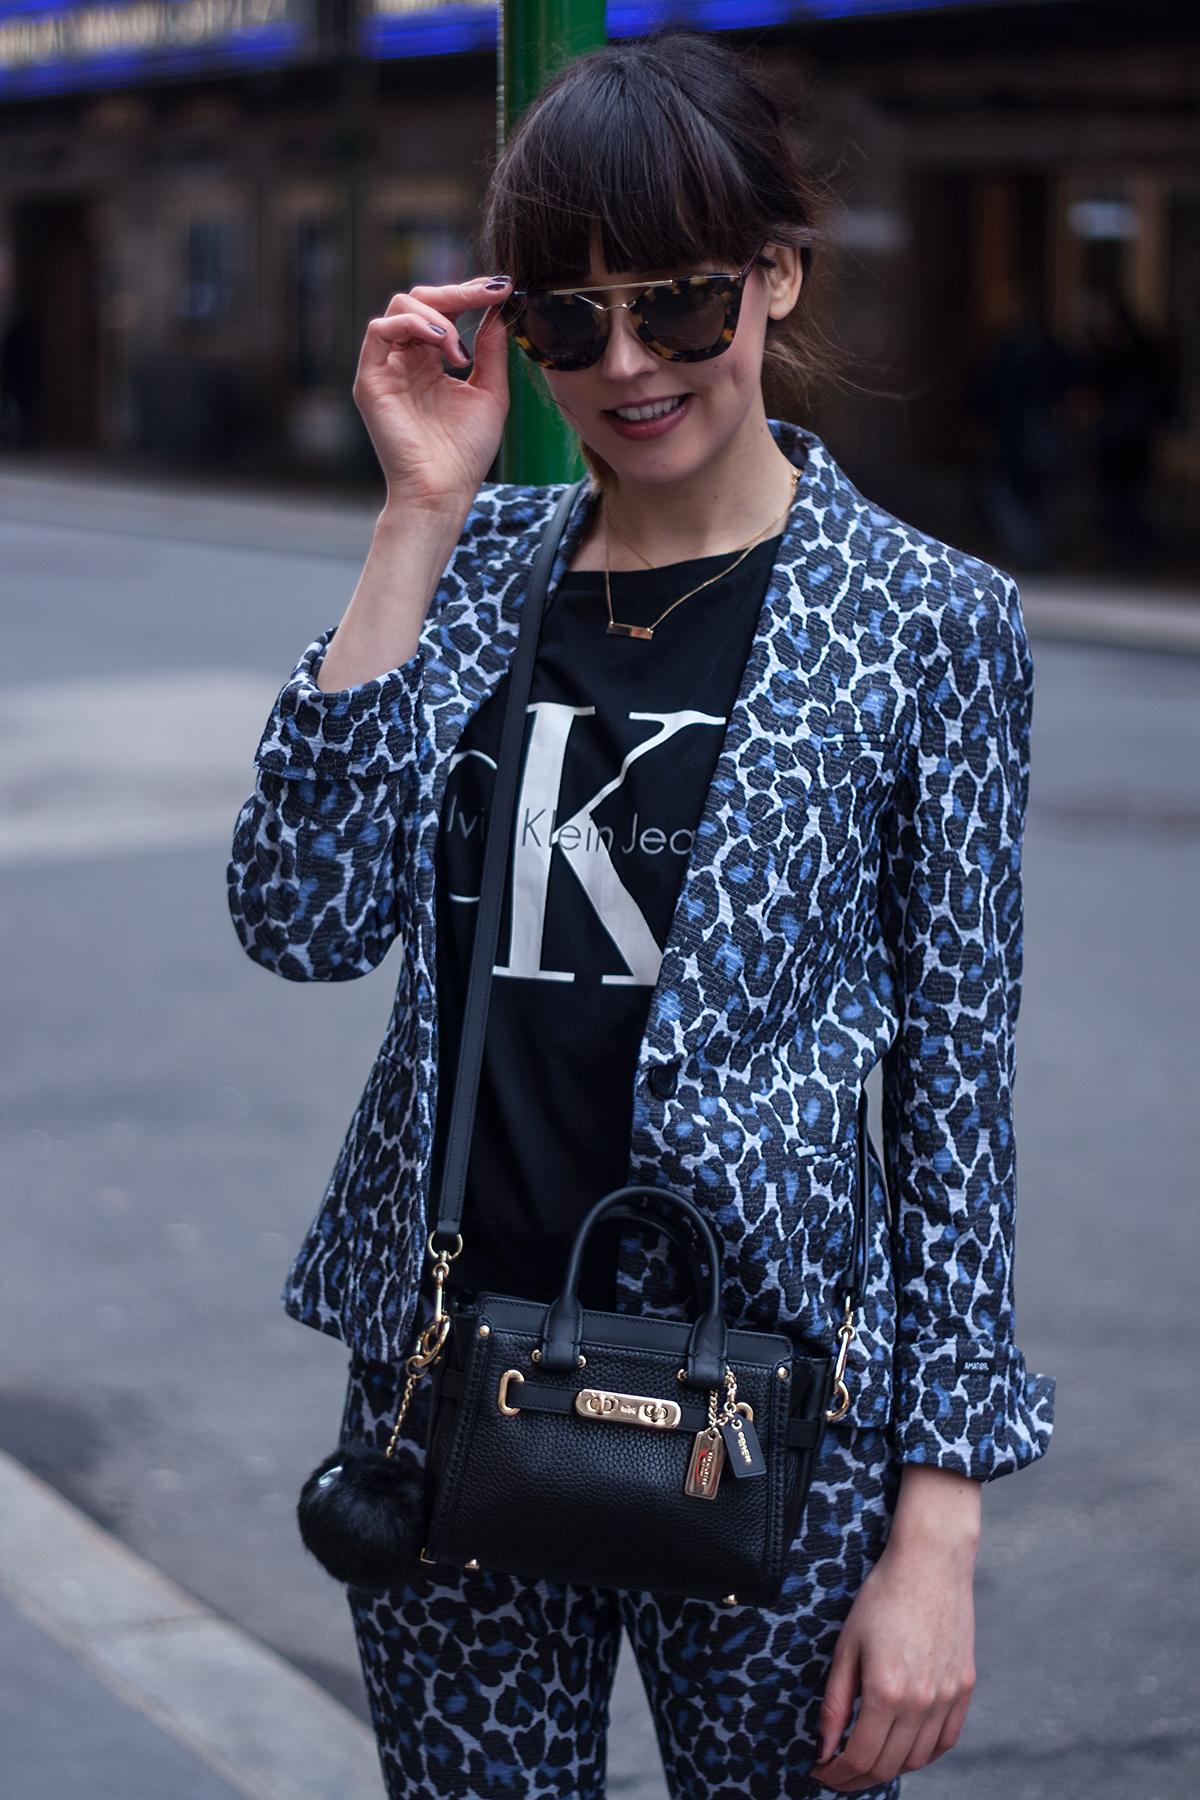 leopard-suit-amator-calvin-klein-shirt-casual-5